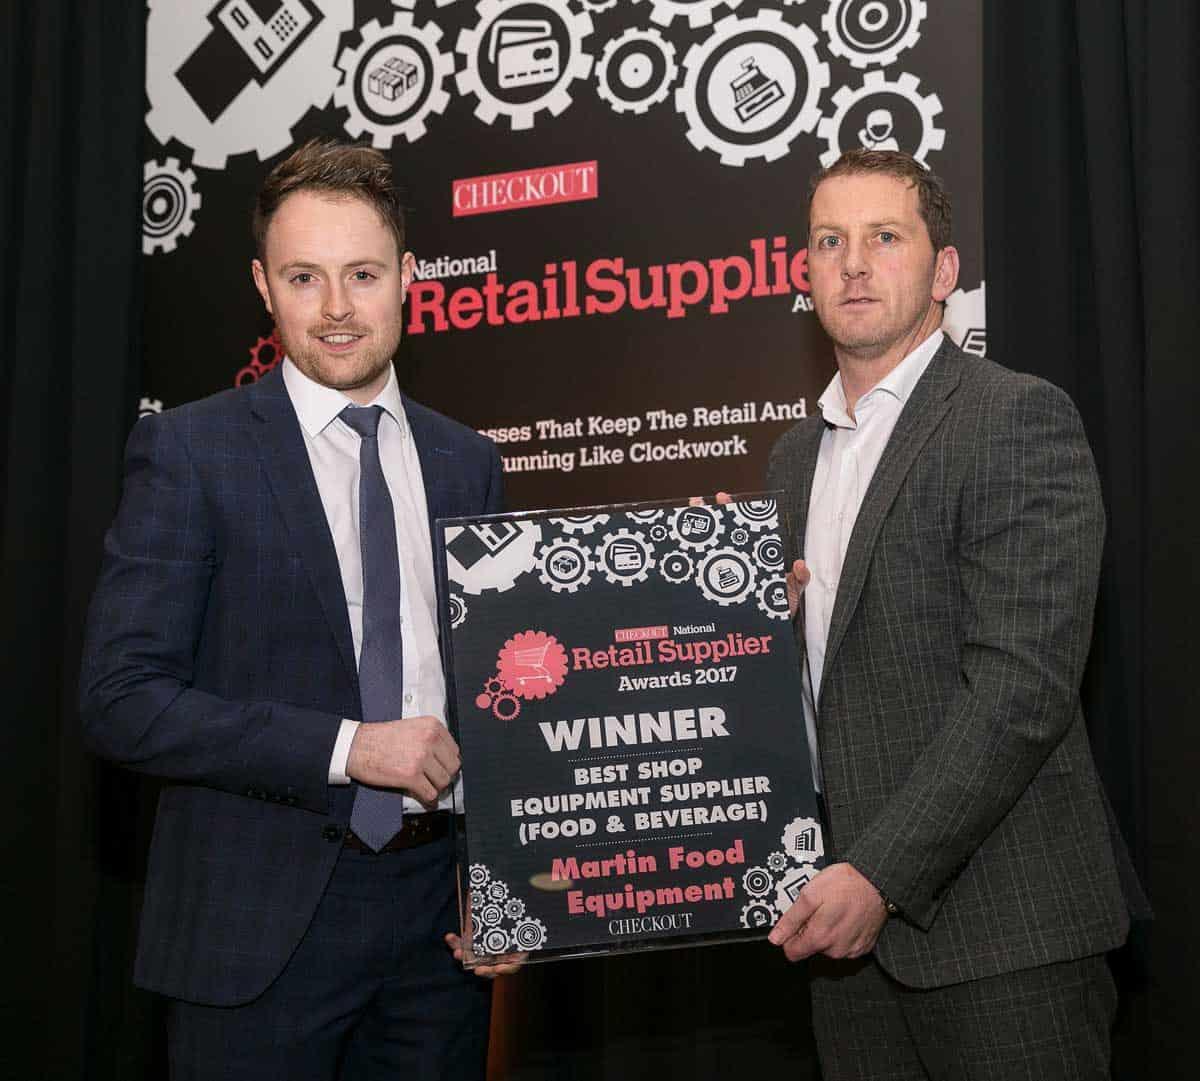 Martin Food Equipment Chris-McGeough-Vincent-Perth-Checkout-Awards Martin Food Equipment Awarded Best Shop Equipment Supplier News